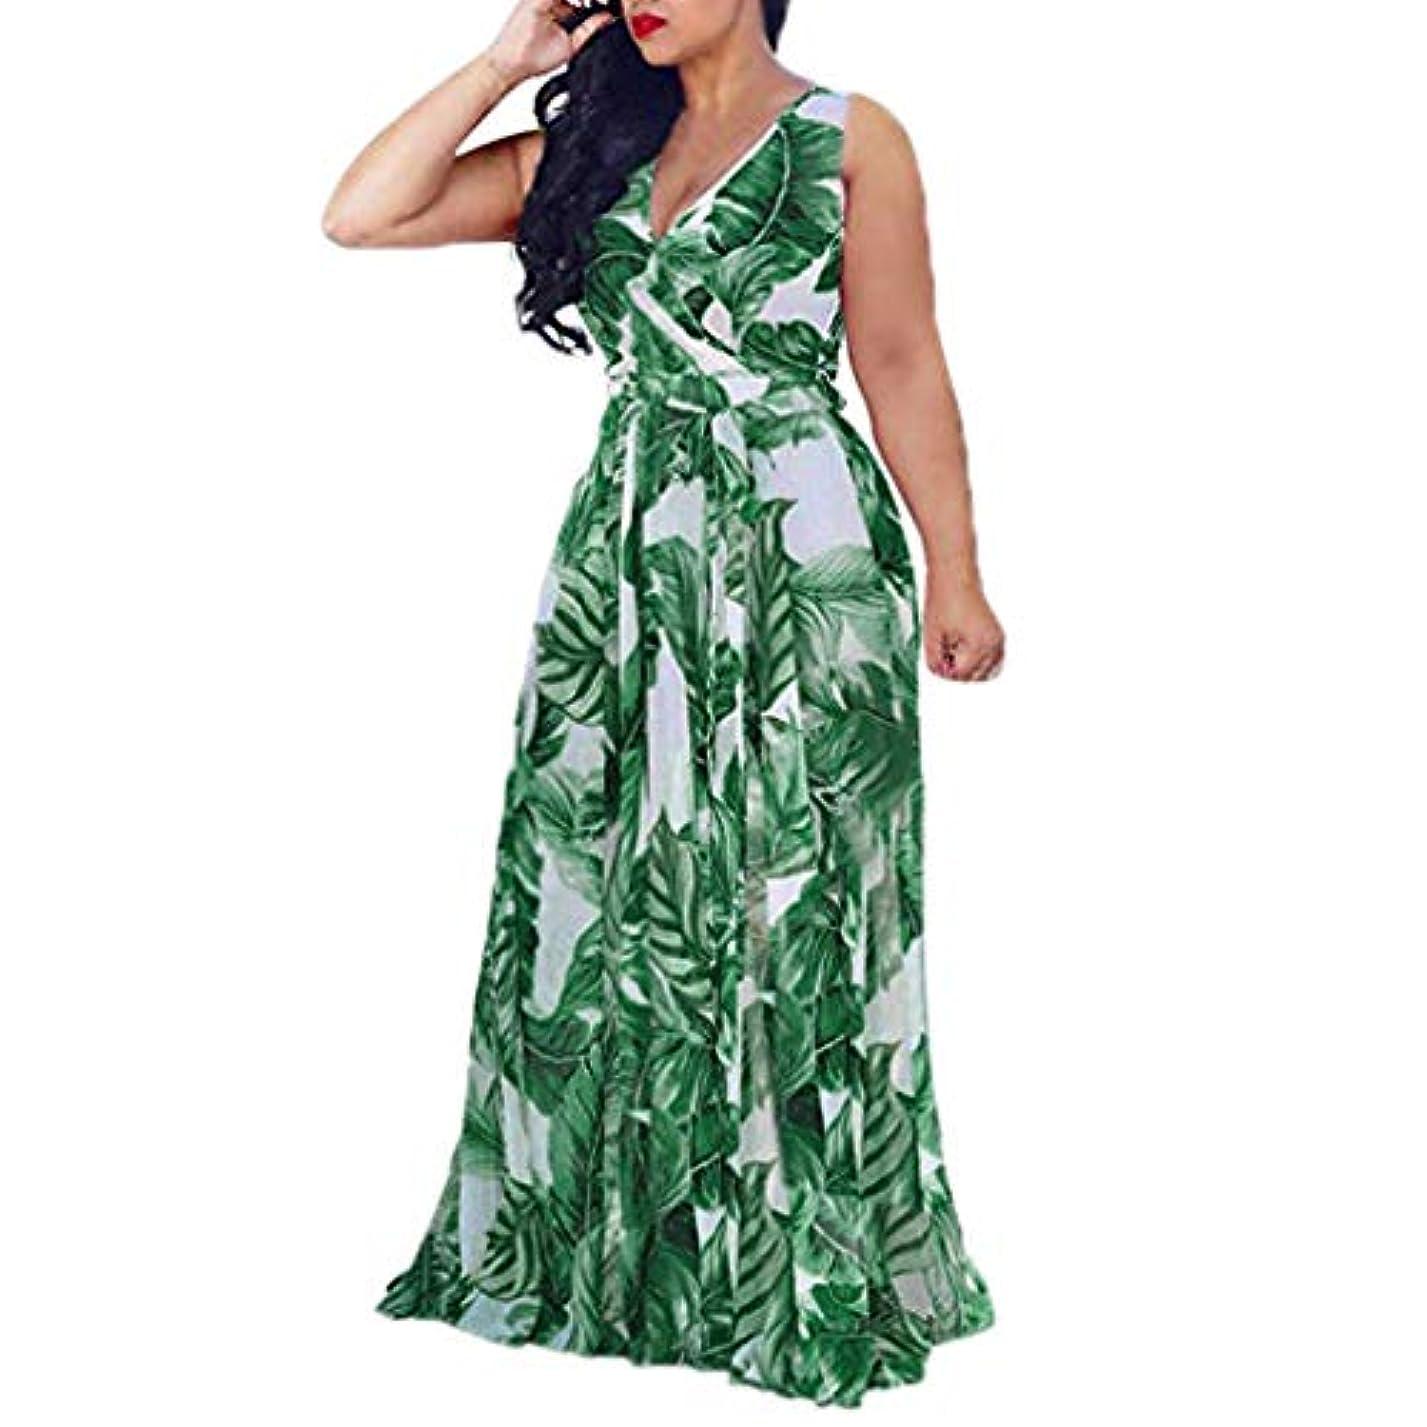 形状ぶどうウェイトレスSakuraBest Womens Sleeveless Stylish Chiffon Dress With Belt V-Neck Printed Floral Maxi Dress